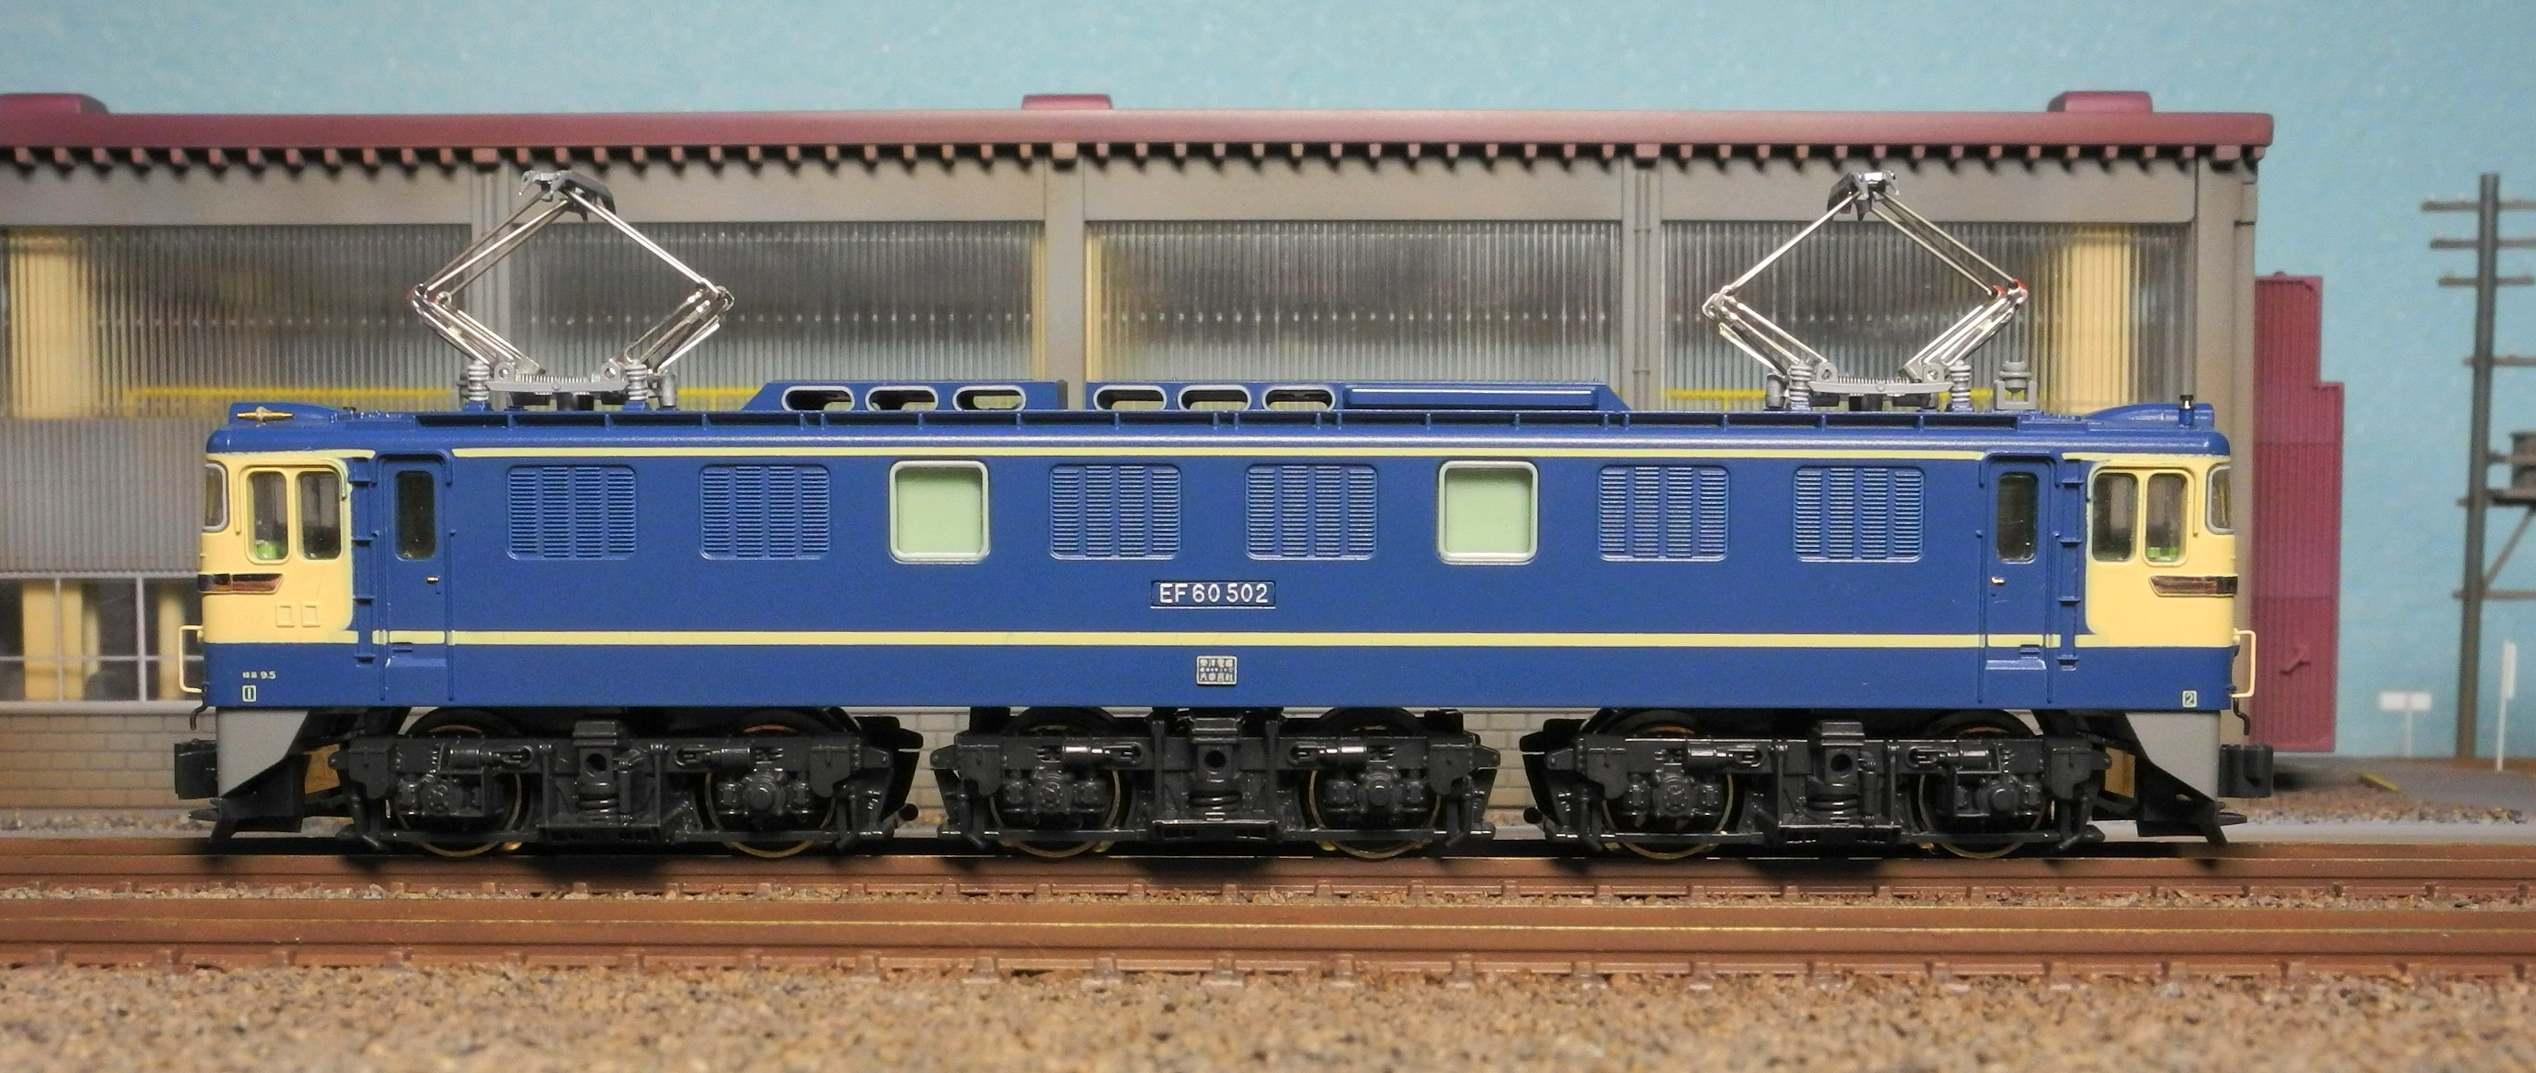 DSCN7381-1.jpg